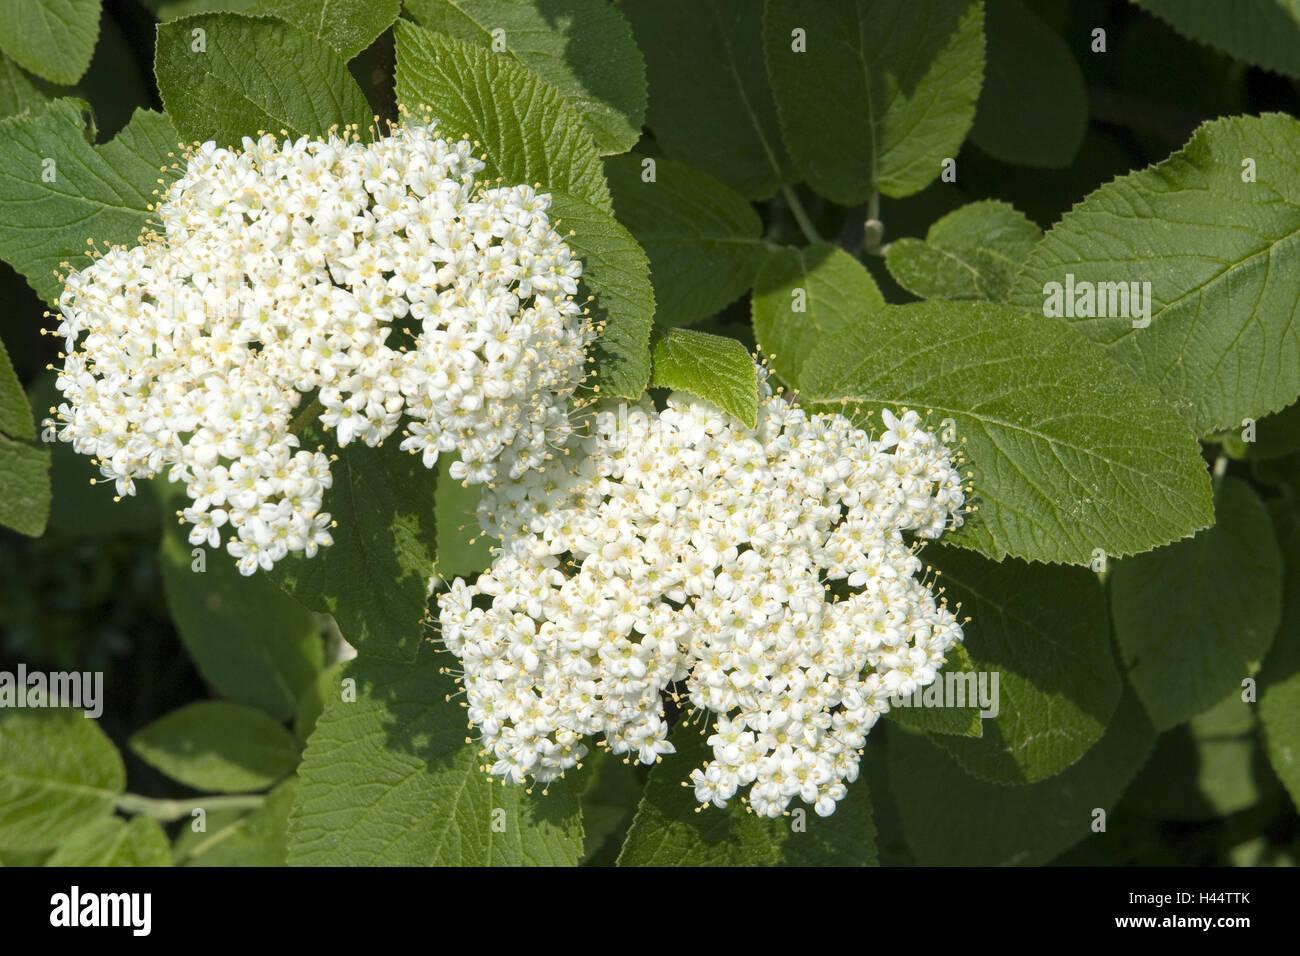 Strauch Wolligen Schneeball Viburnum Lantana Detail Blätter